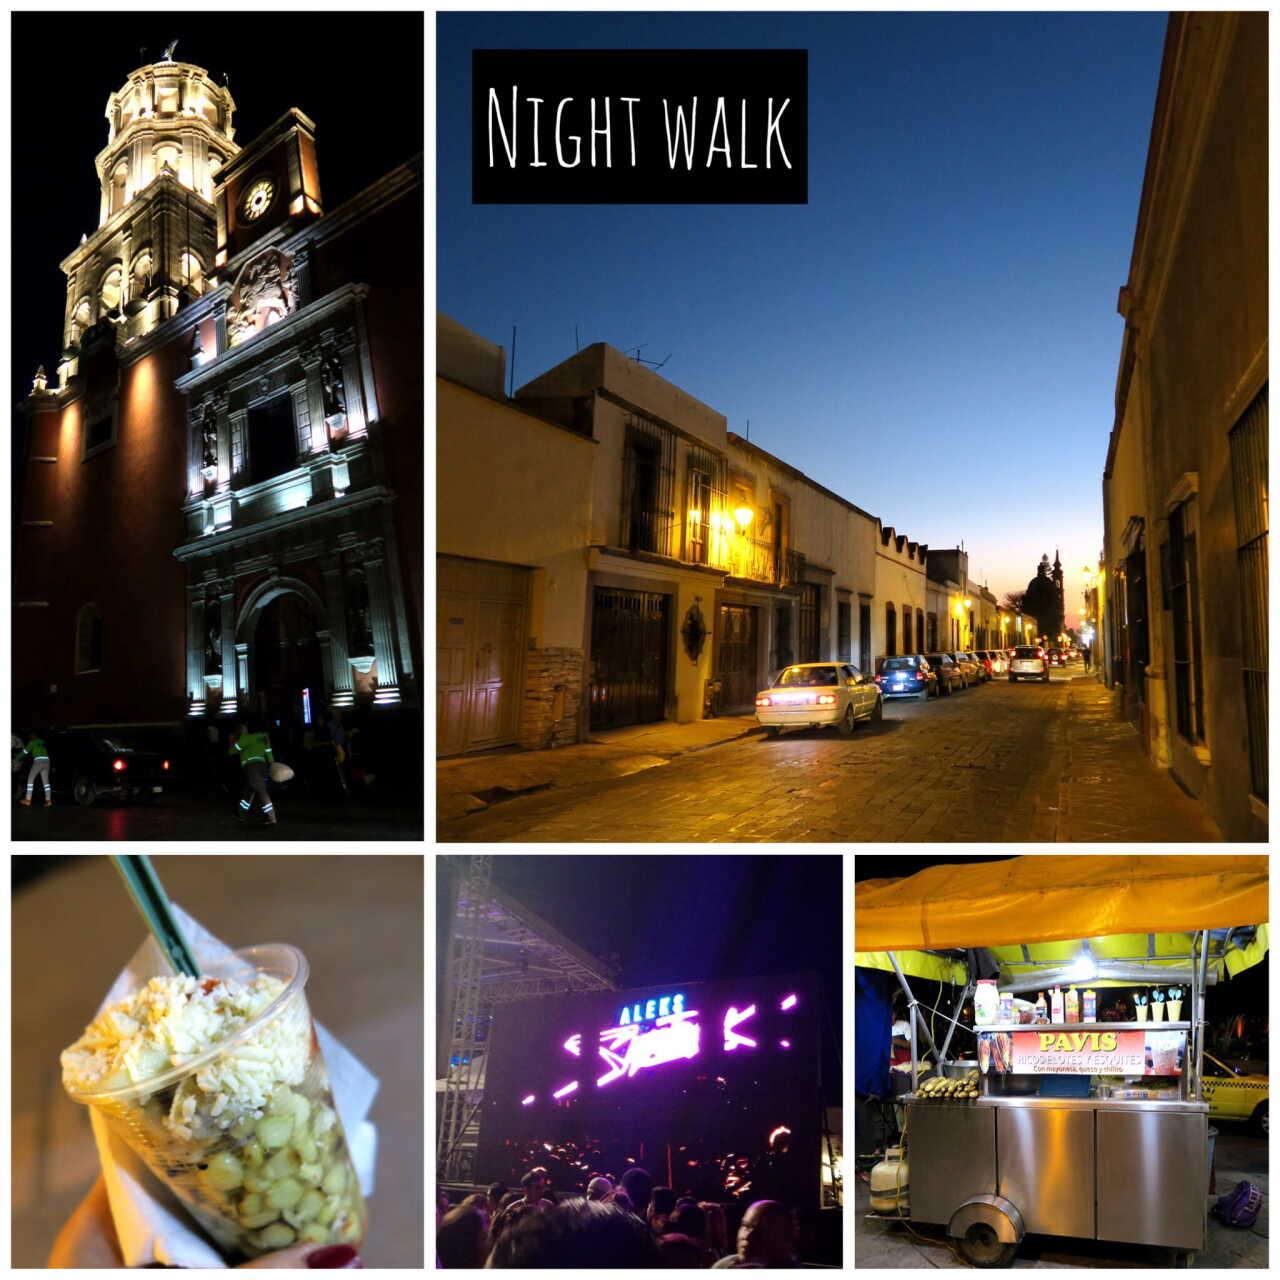 ケレタロ夜の散歩